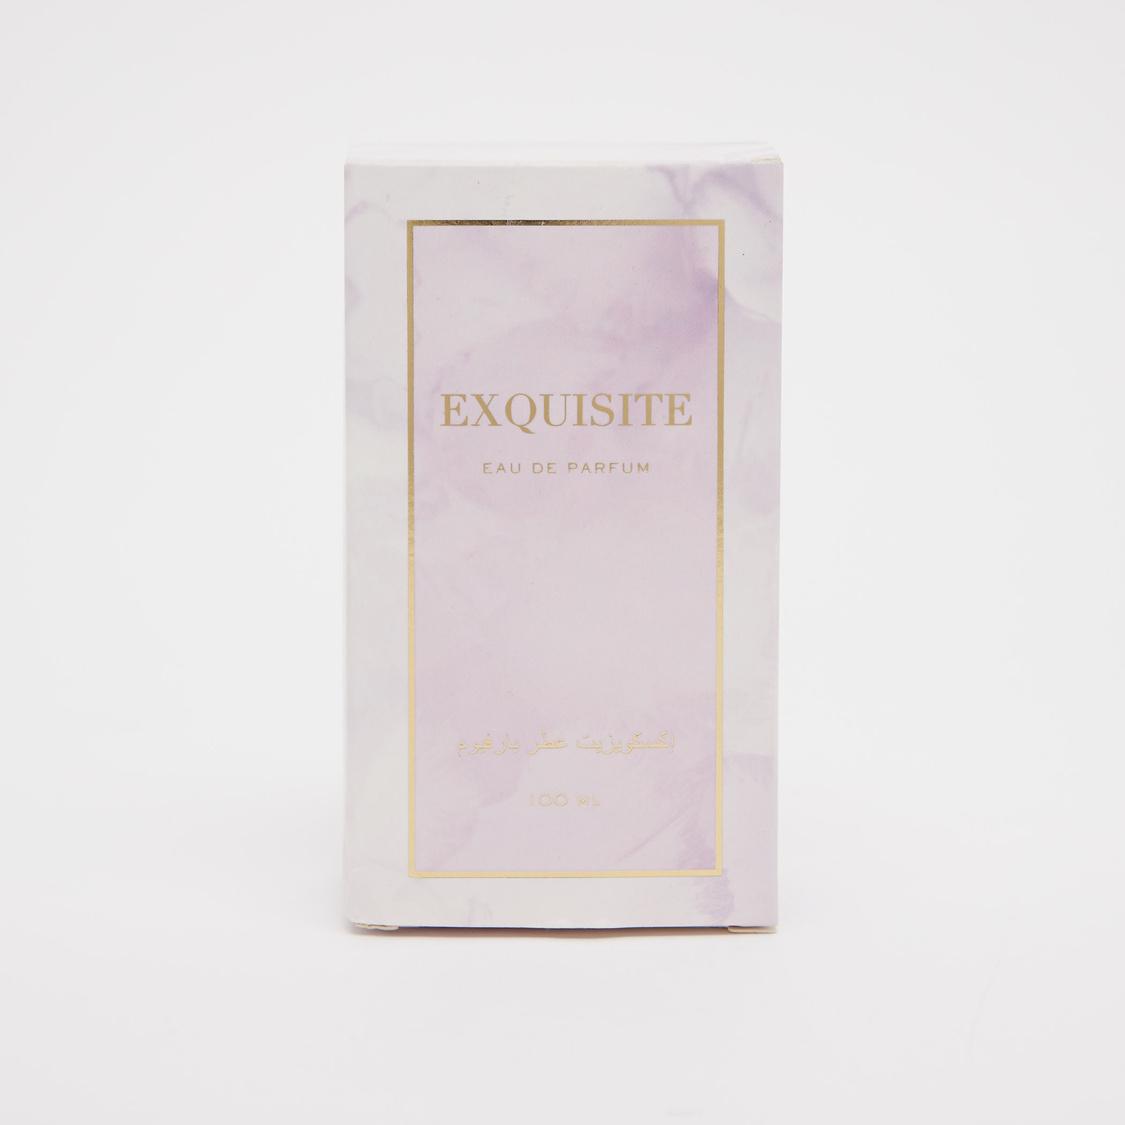 Exquisite Eau De Parfum - 100 ml